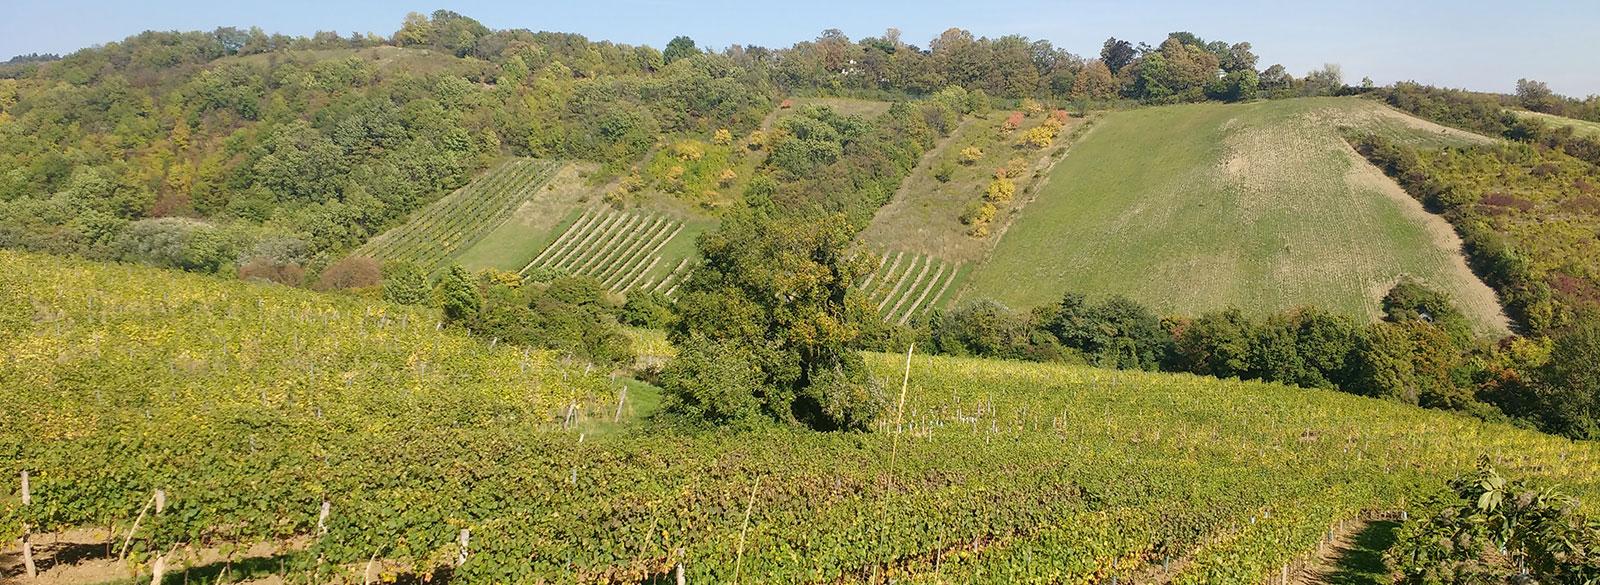 Un día entre viñedos austriacos descubriendo el sturm